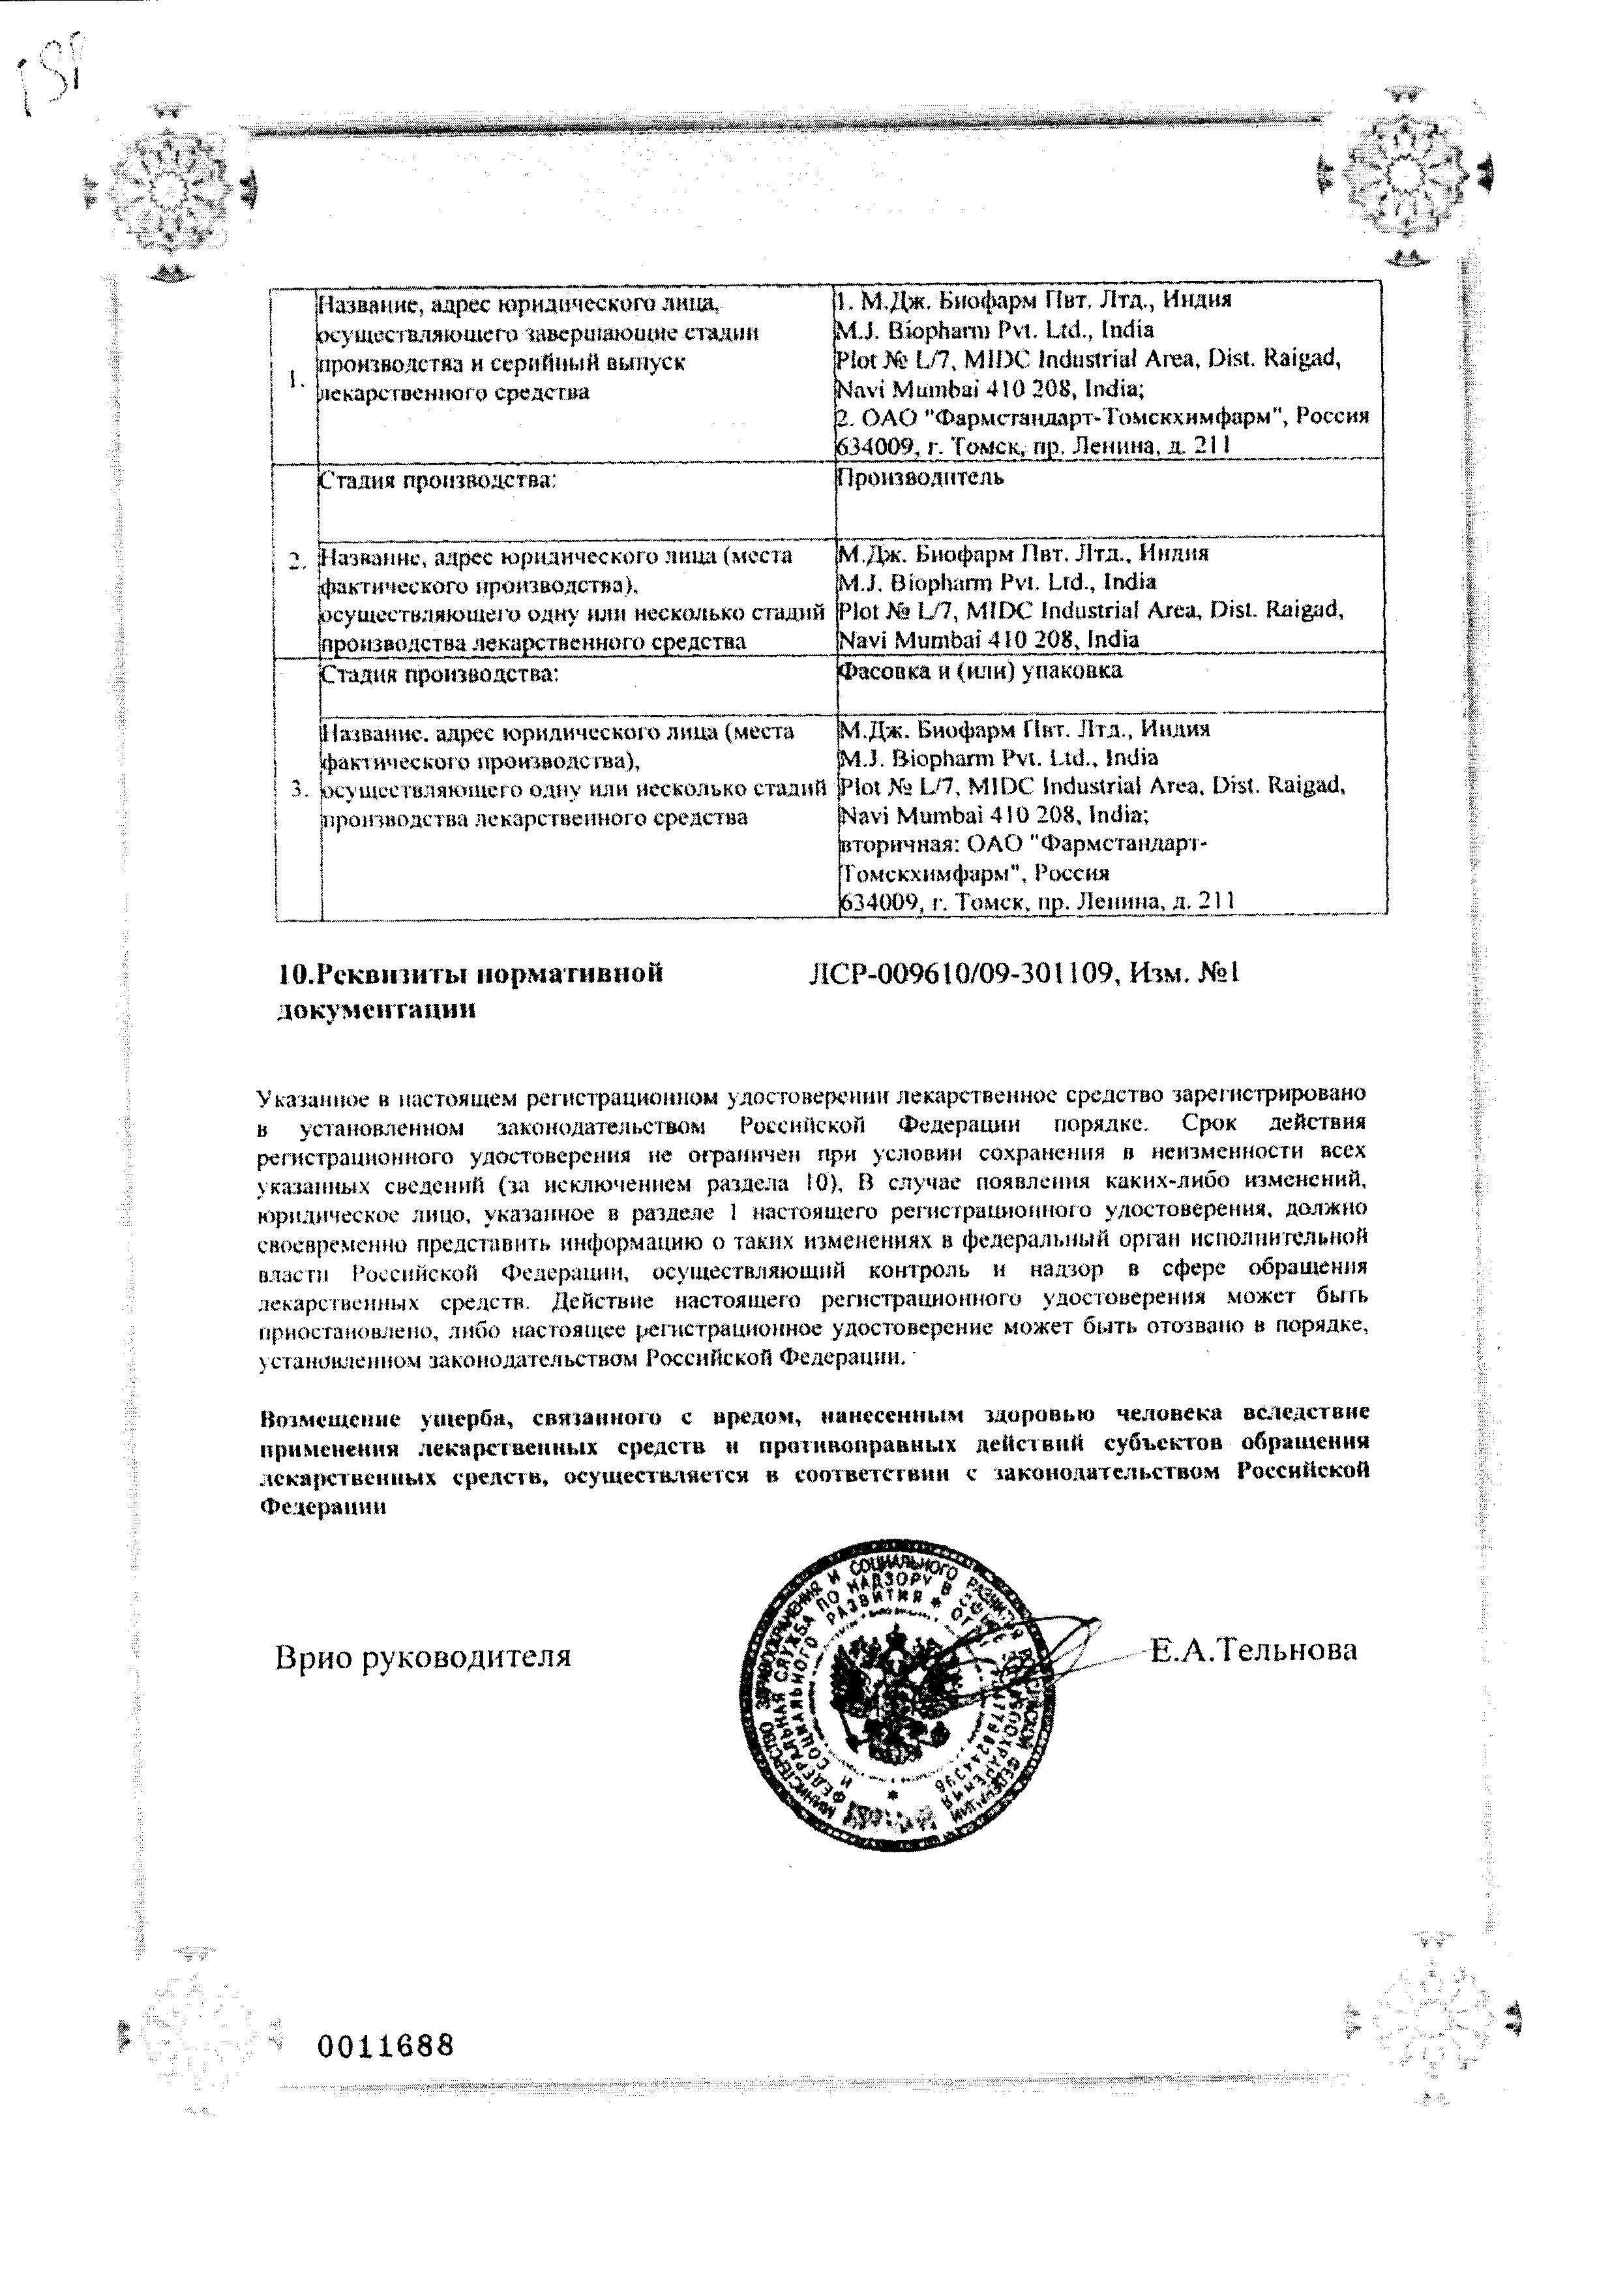 Глюконорм сертификат